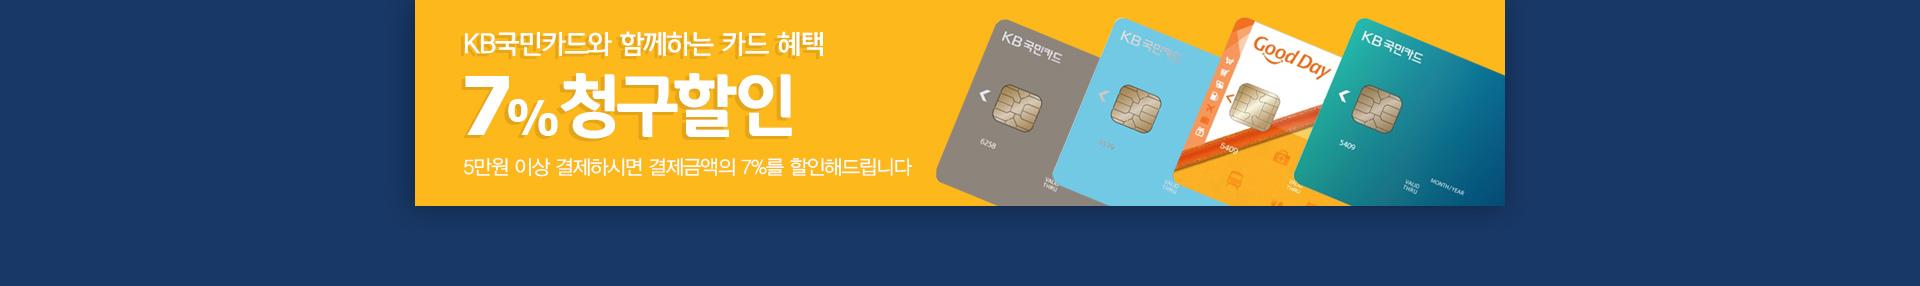 KB국민카드 7%청구할인